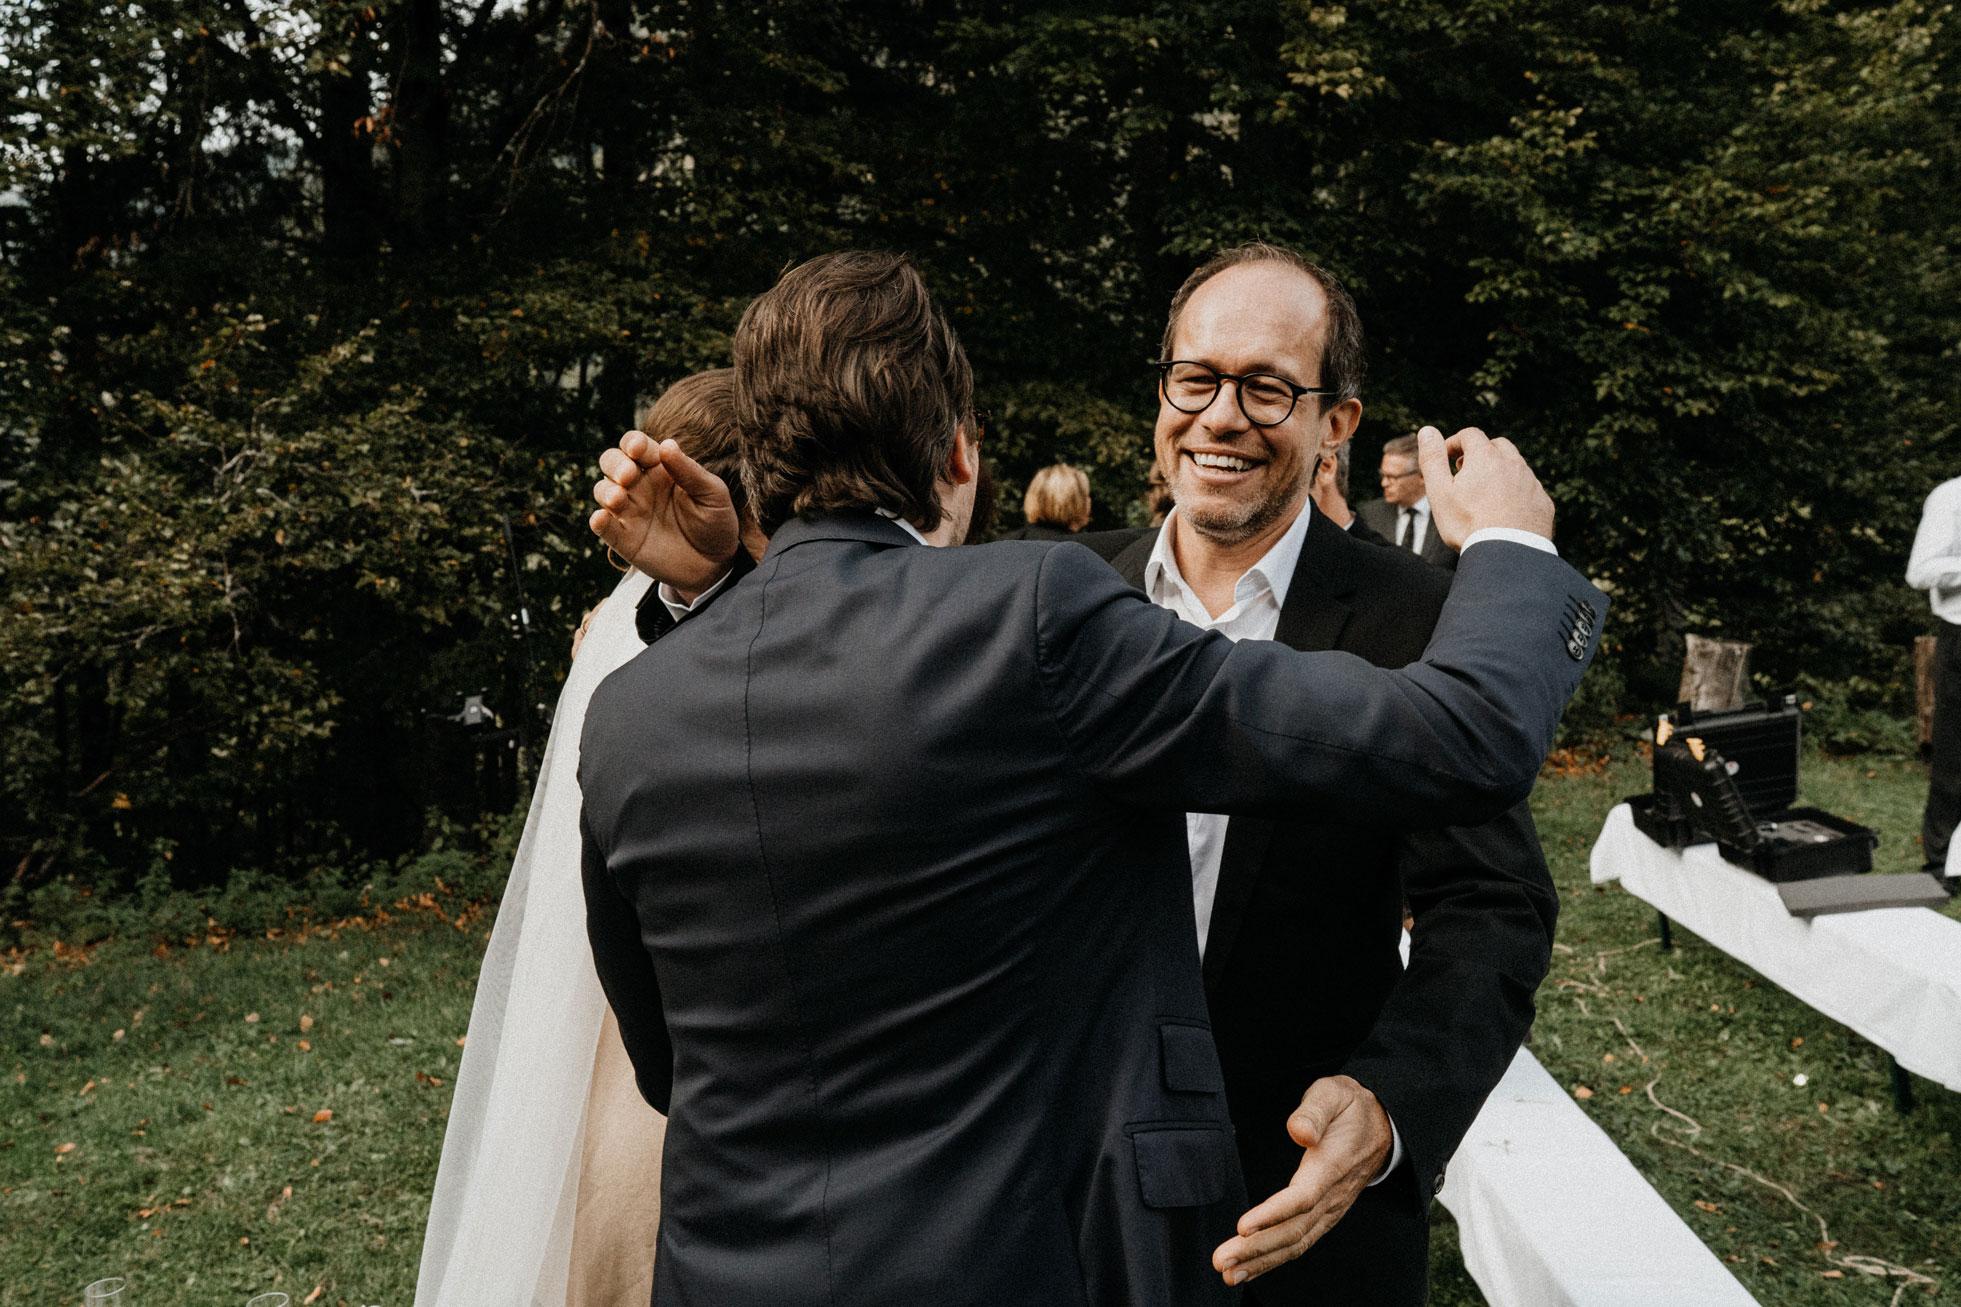 Hochzeit_Claire_Manuel_Villa_Maund_Daniel_Jenny-302.jpg